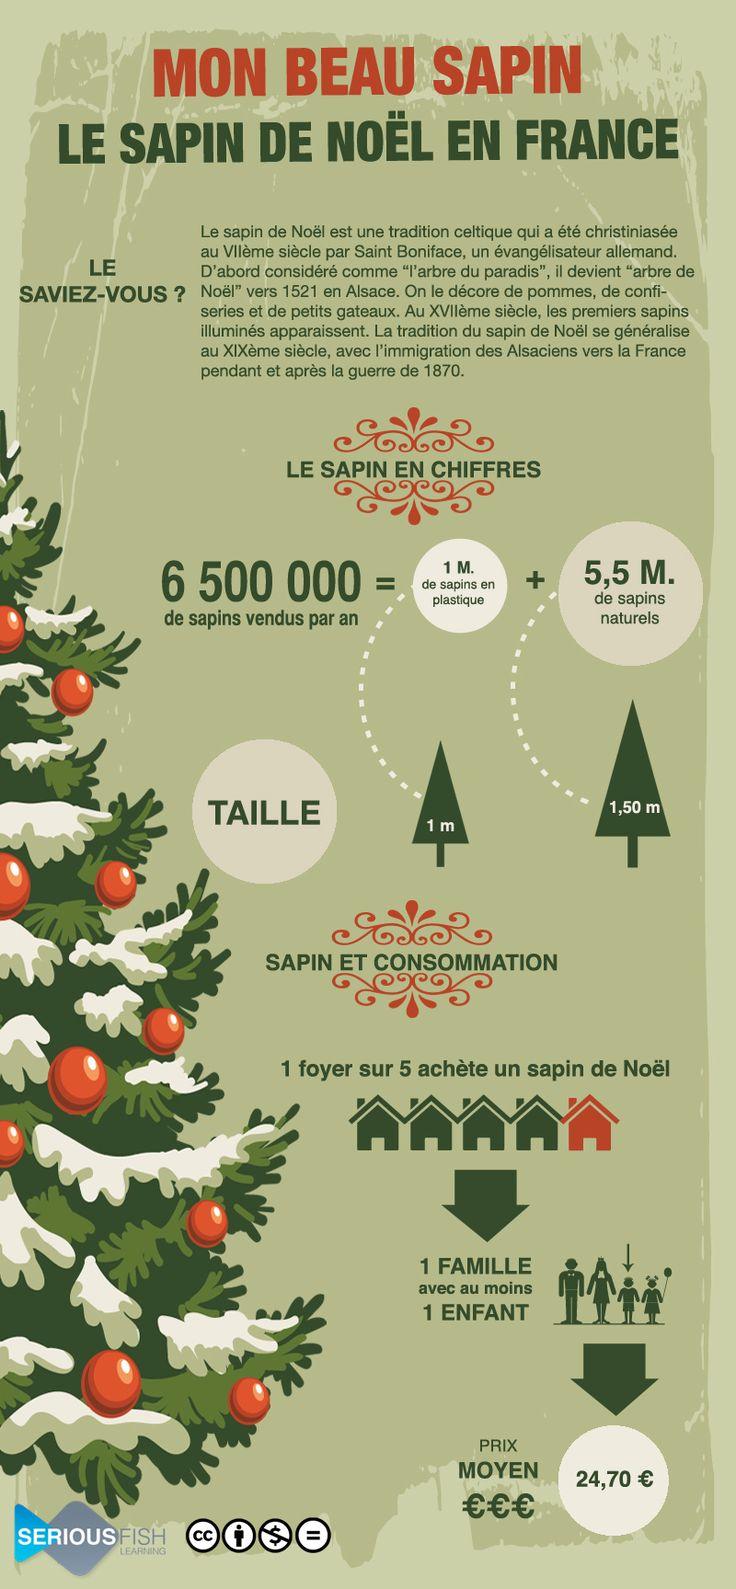 Le sapin de Noël en France